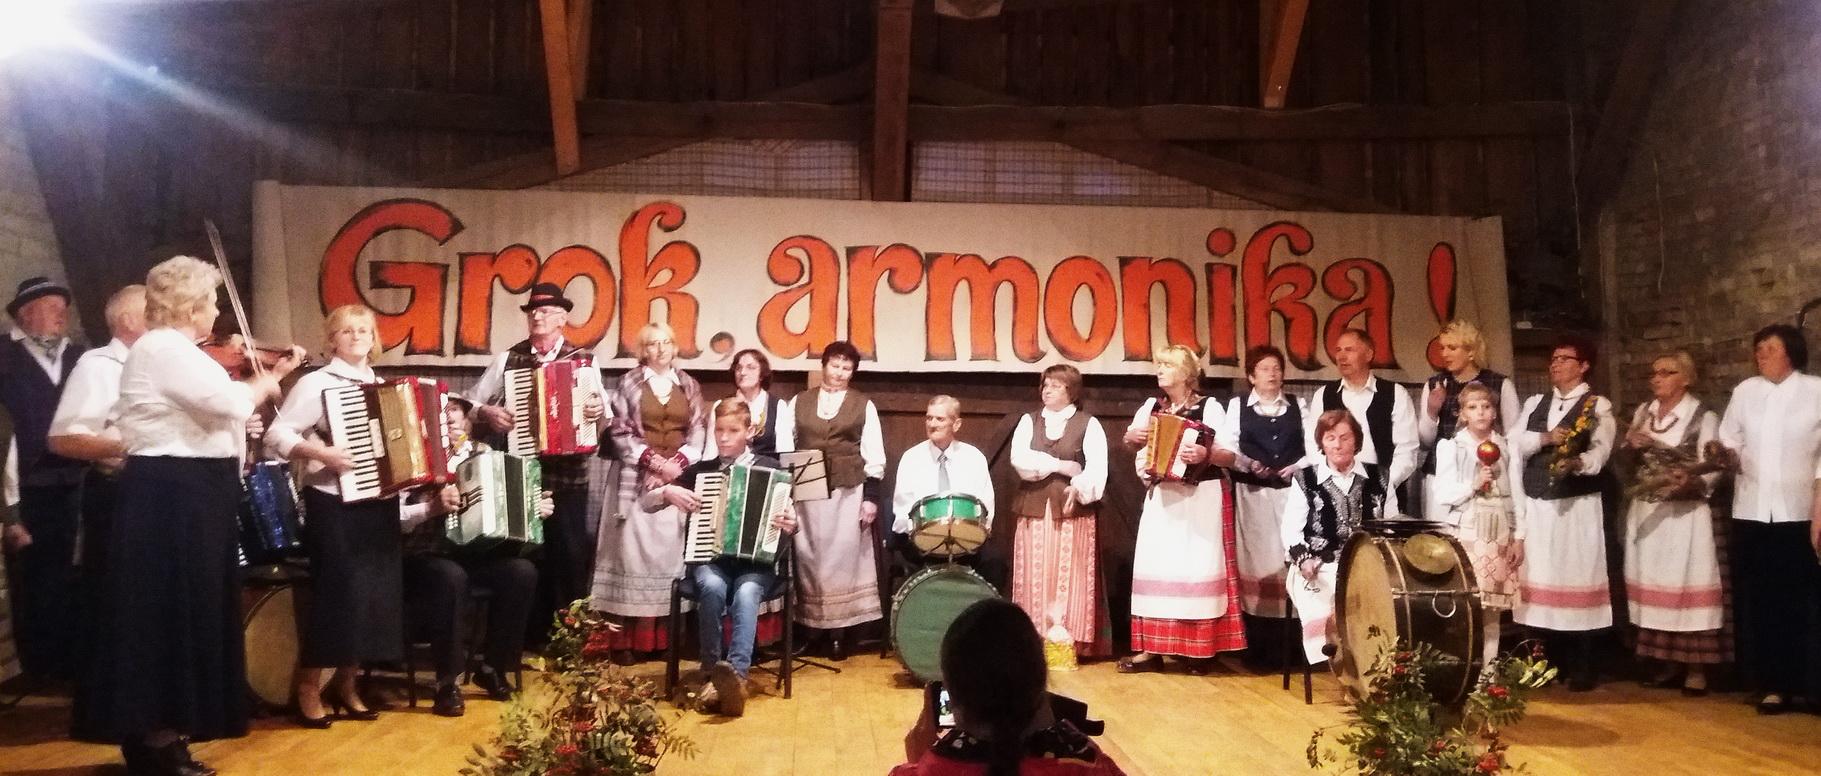 Groja ir dainuoja visi šventėje dalyvavę kolektyvai.